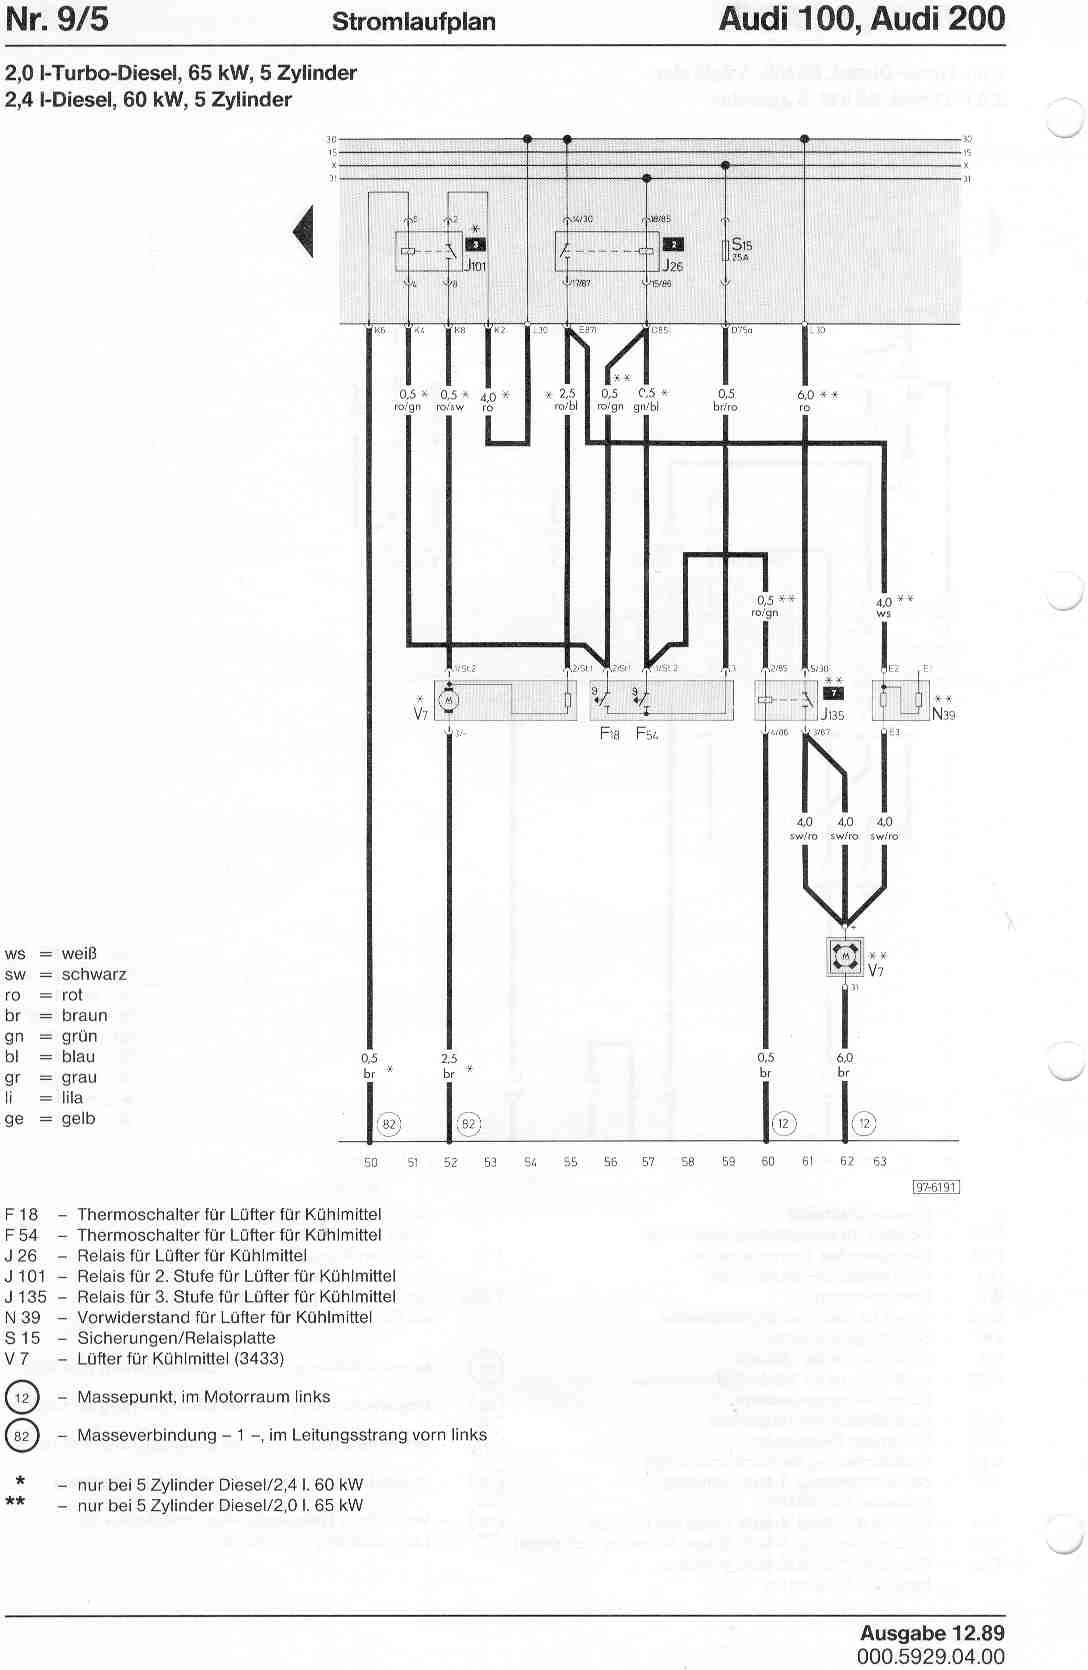 Audi 100 200 Factory Wiring Diagrams 6 9 Diesel Engine Diagram Page 5